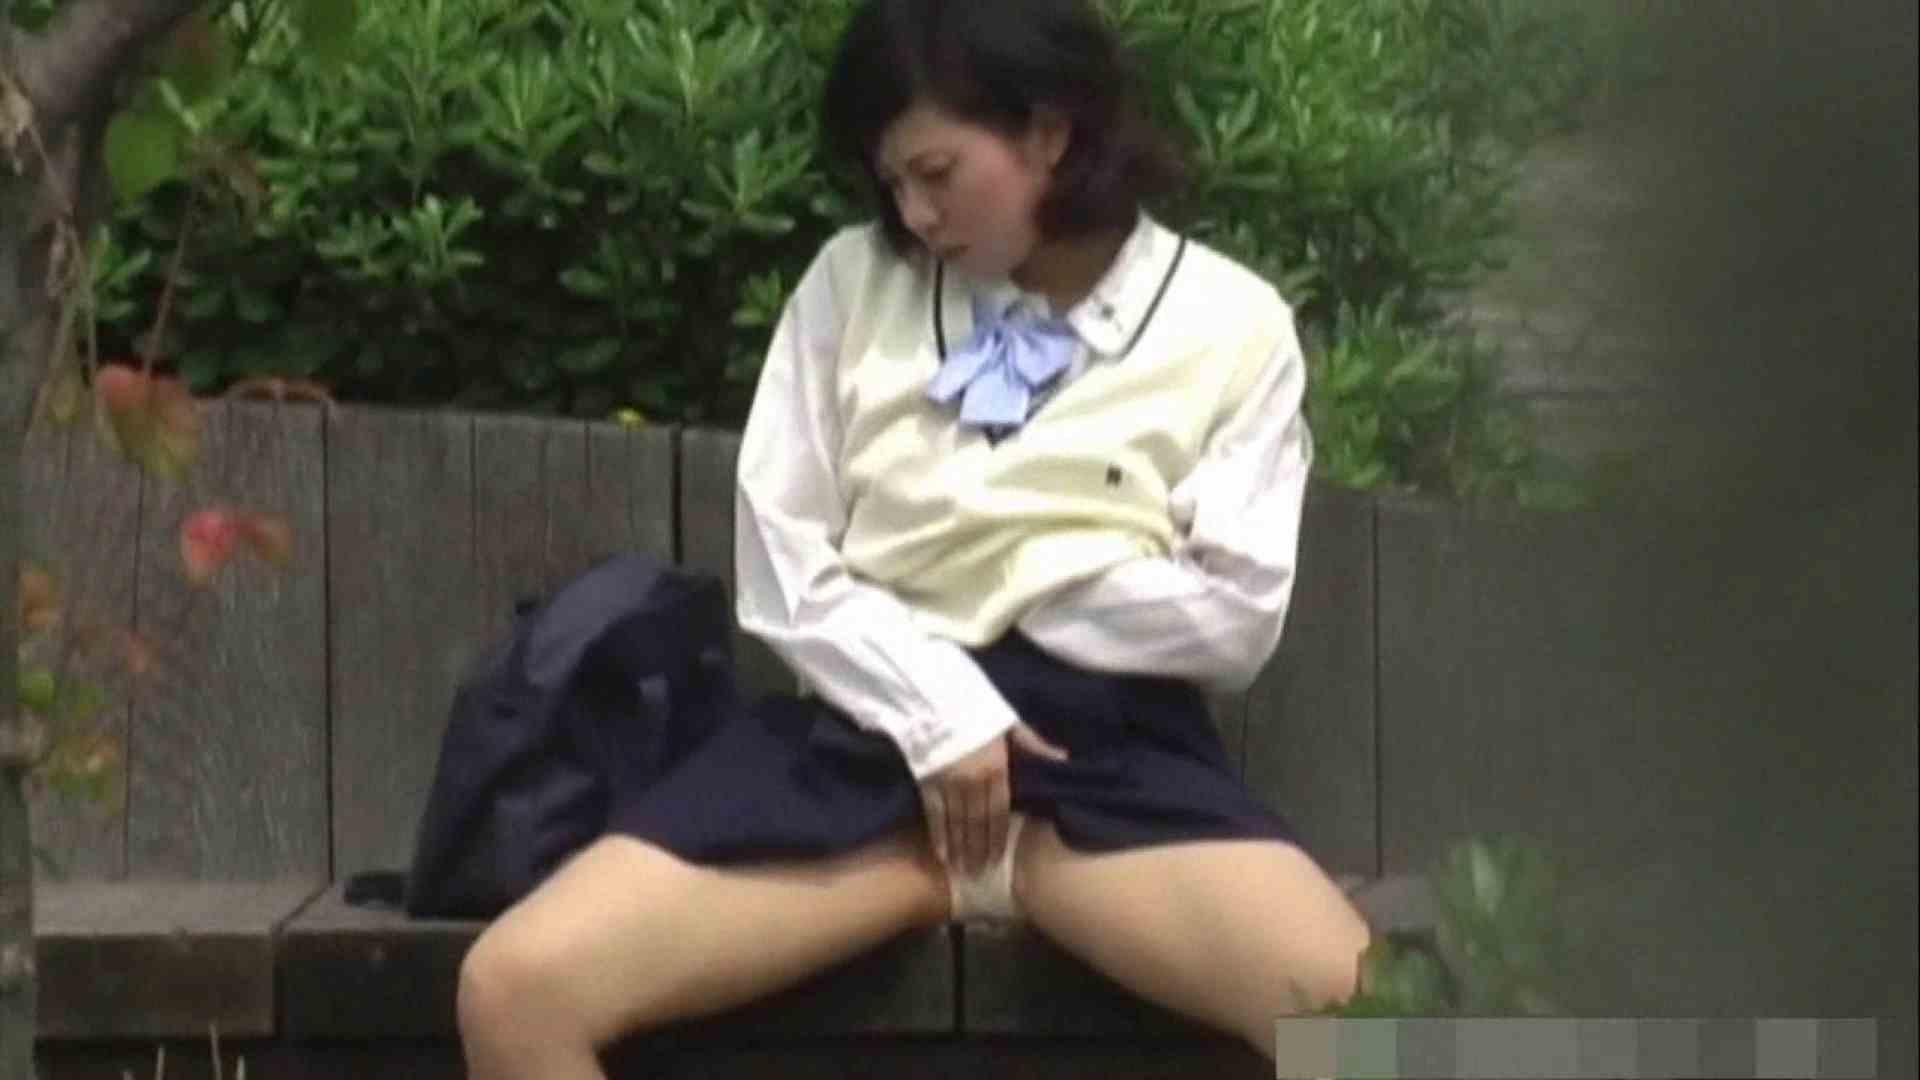 アヘ顔のわたしってどうかしら Vol.043 美しいOLの裸体 オメコ無修正動画無料 99pic 42